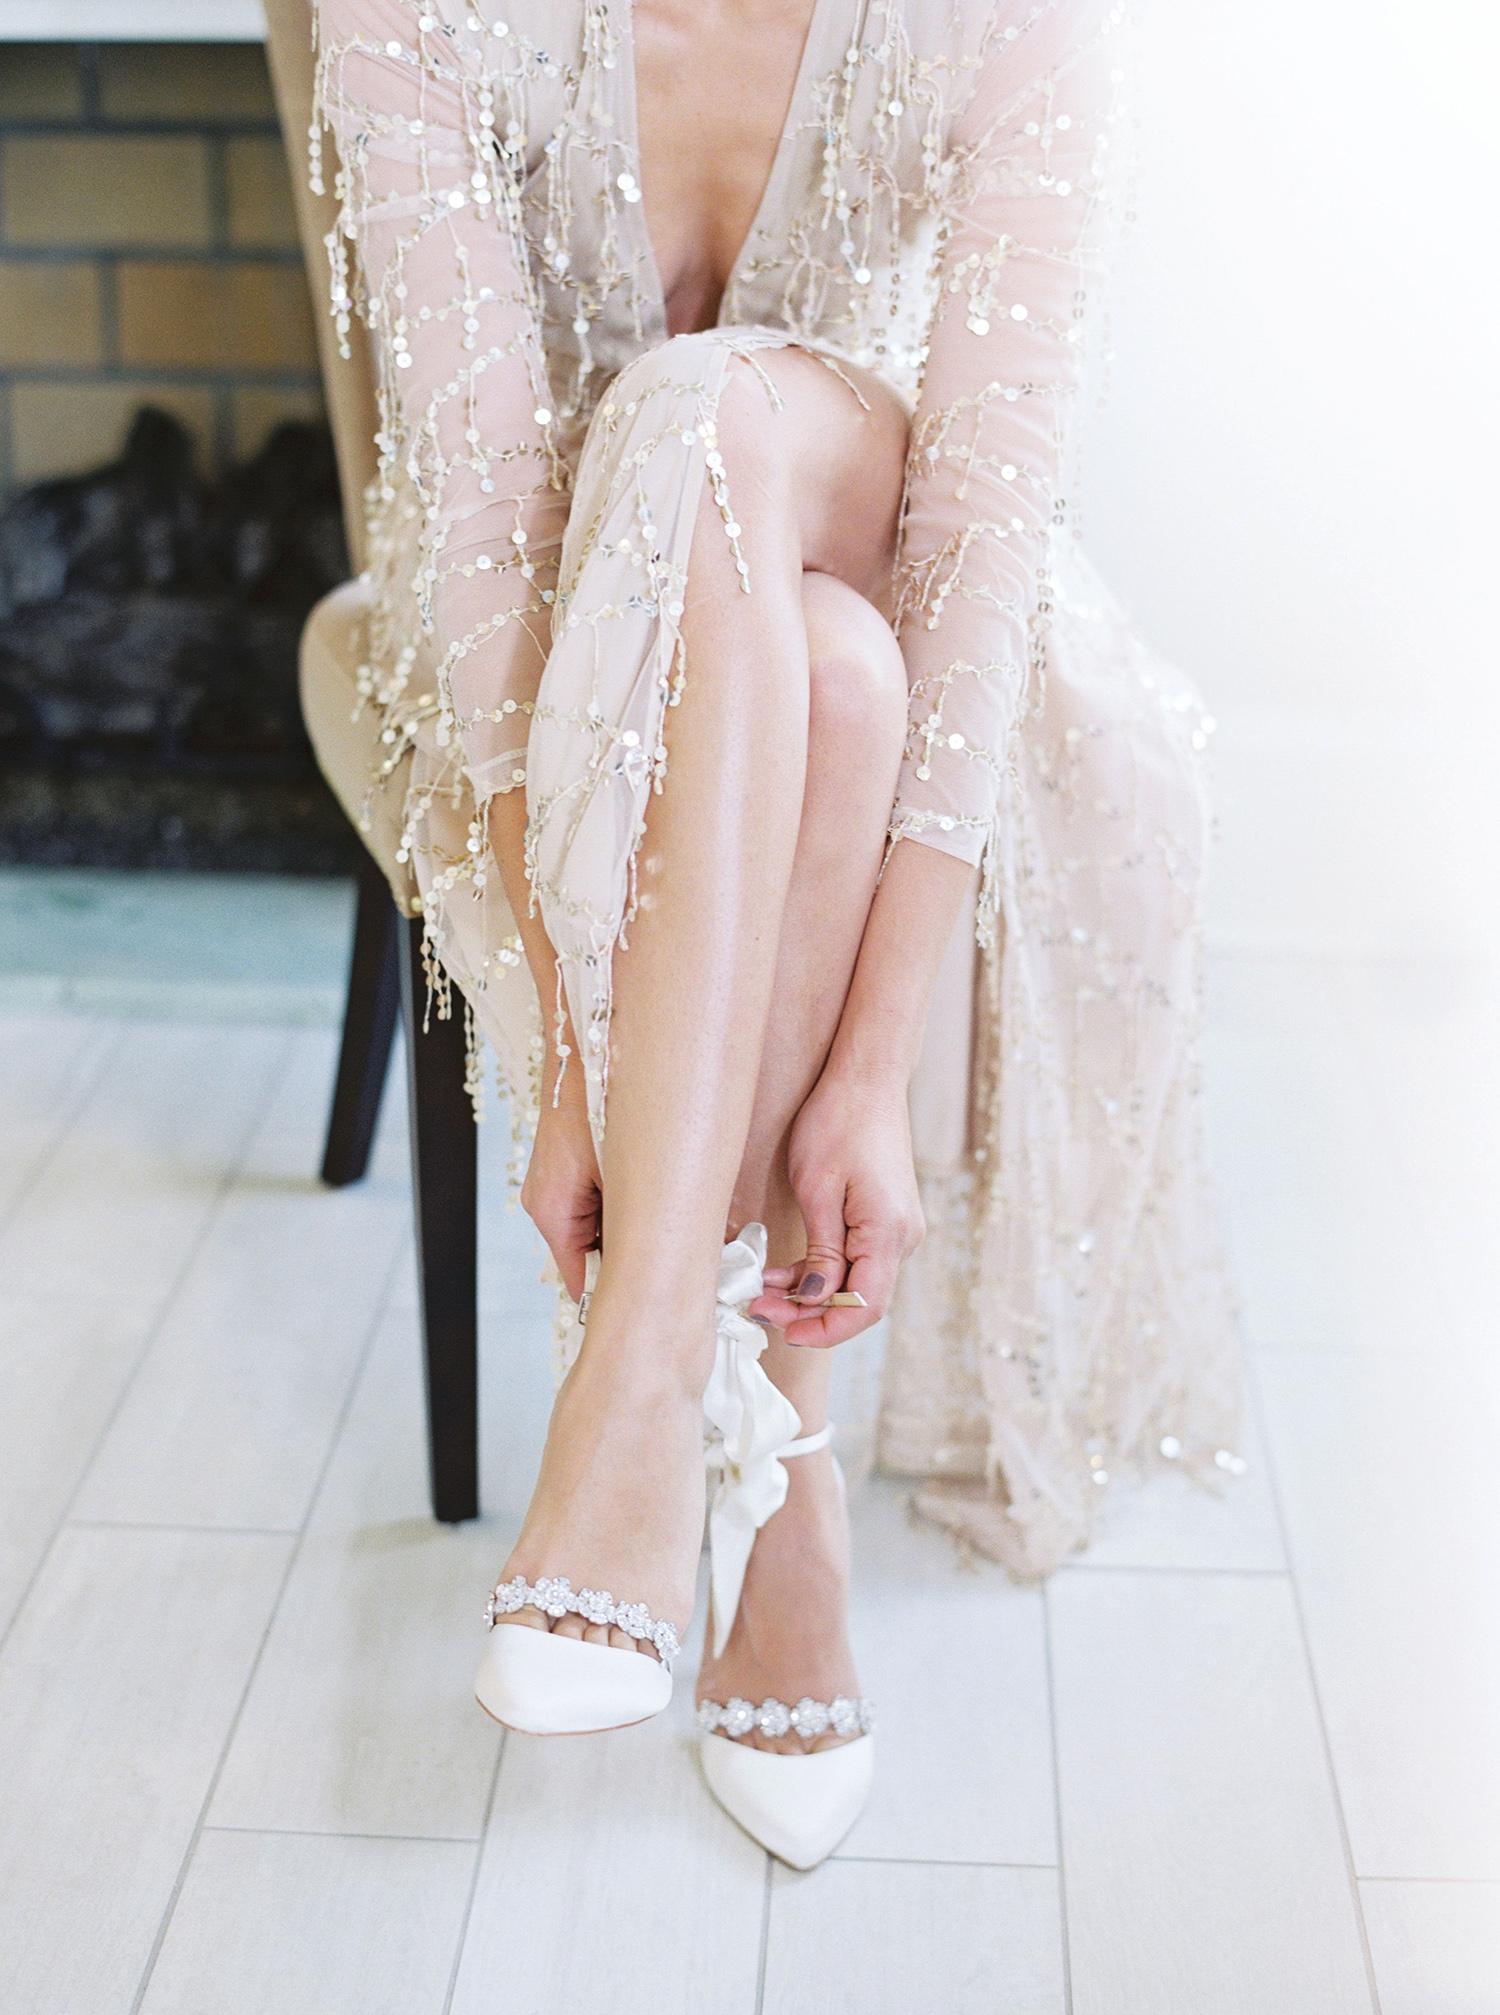 evan dustin vow renewal bride shoes